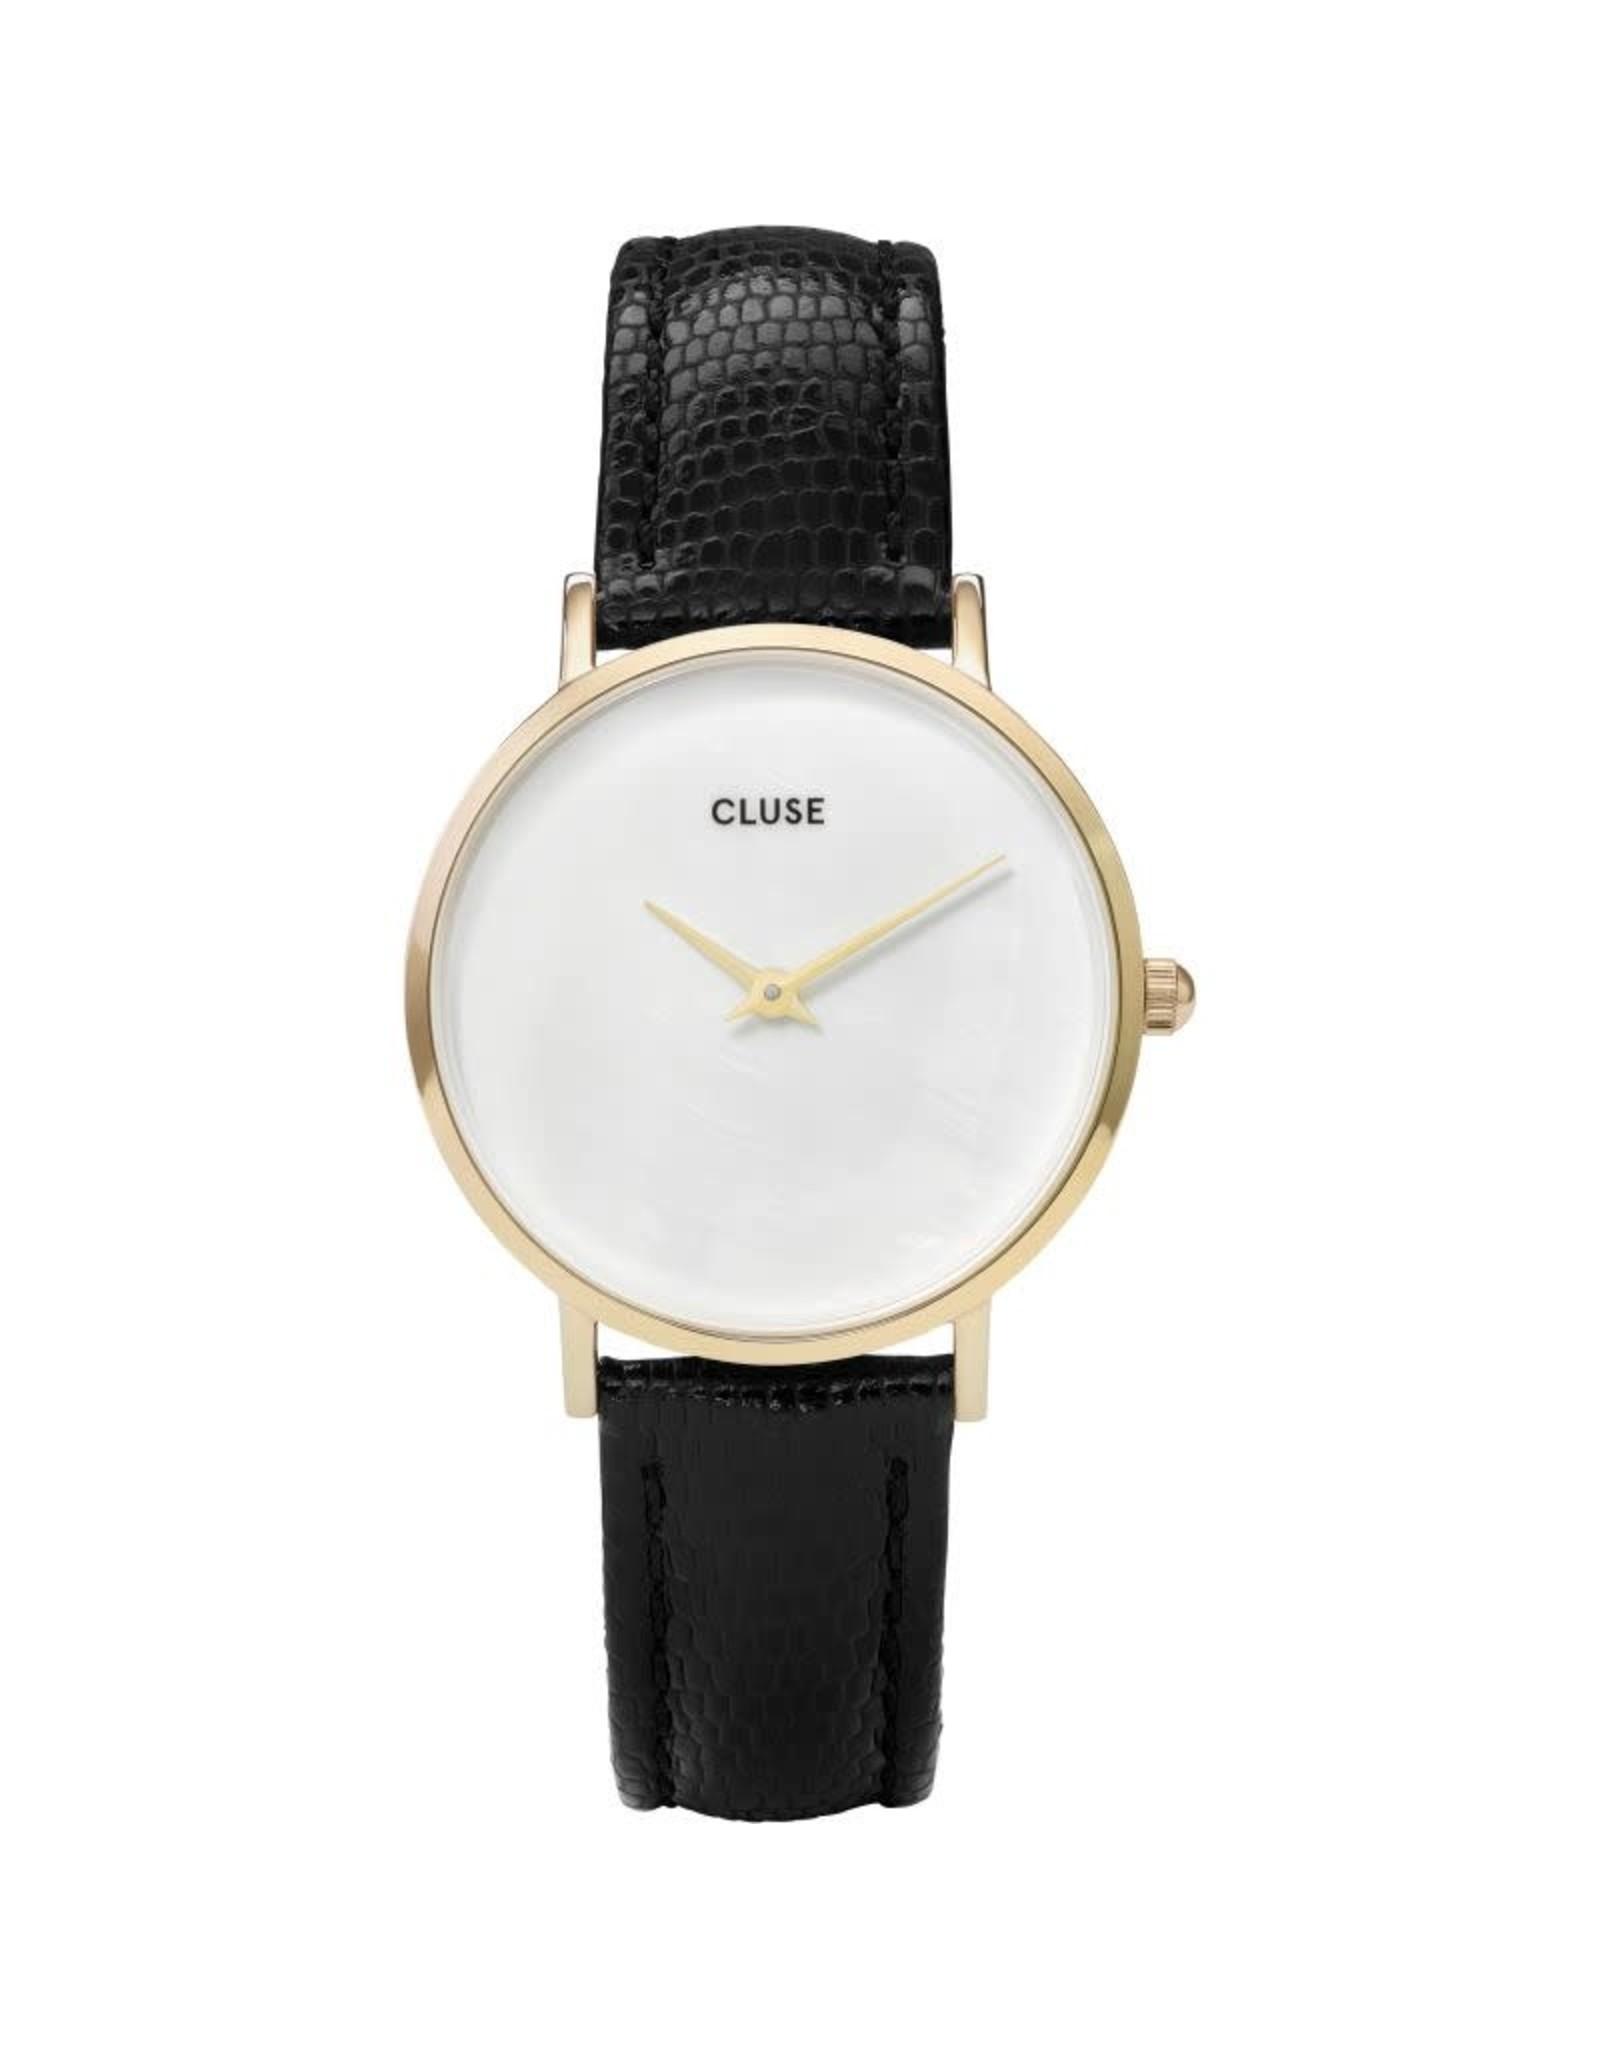 Cluse Cluse CL30048 Minuit La Perle Goud Wit Parelmoer Leder Zwart 33mm